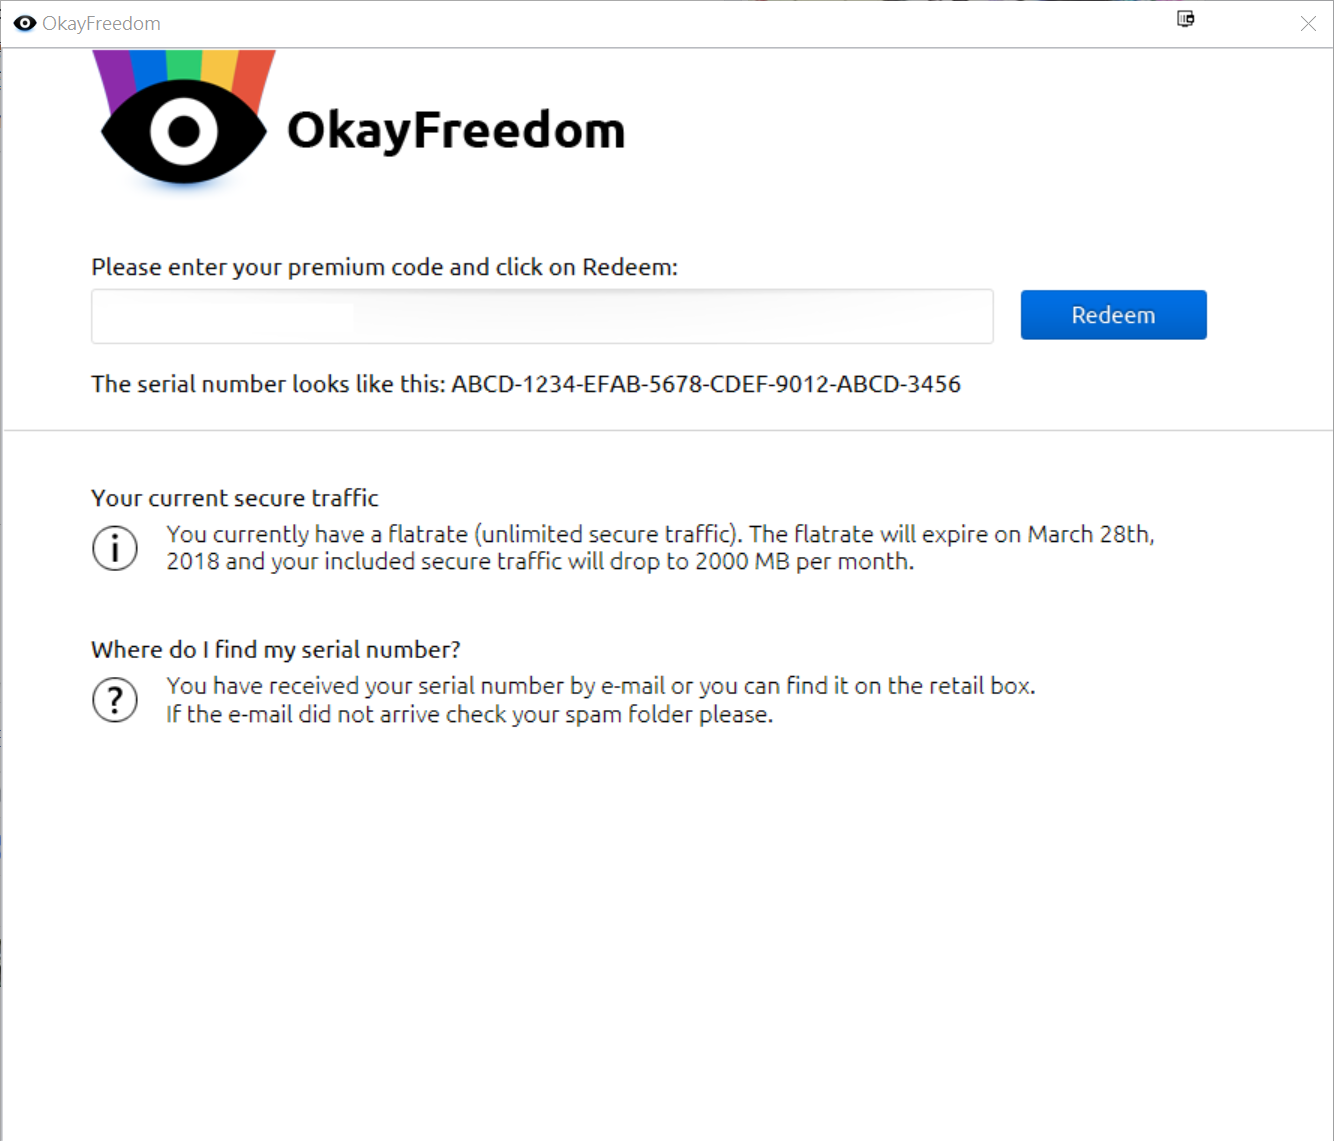 限時免費!OkayFreedom VPN Premium 價格 usd 29 的 VPN 翻牆服務 @3C 達人廖阿輝